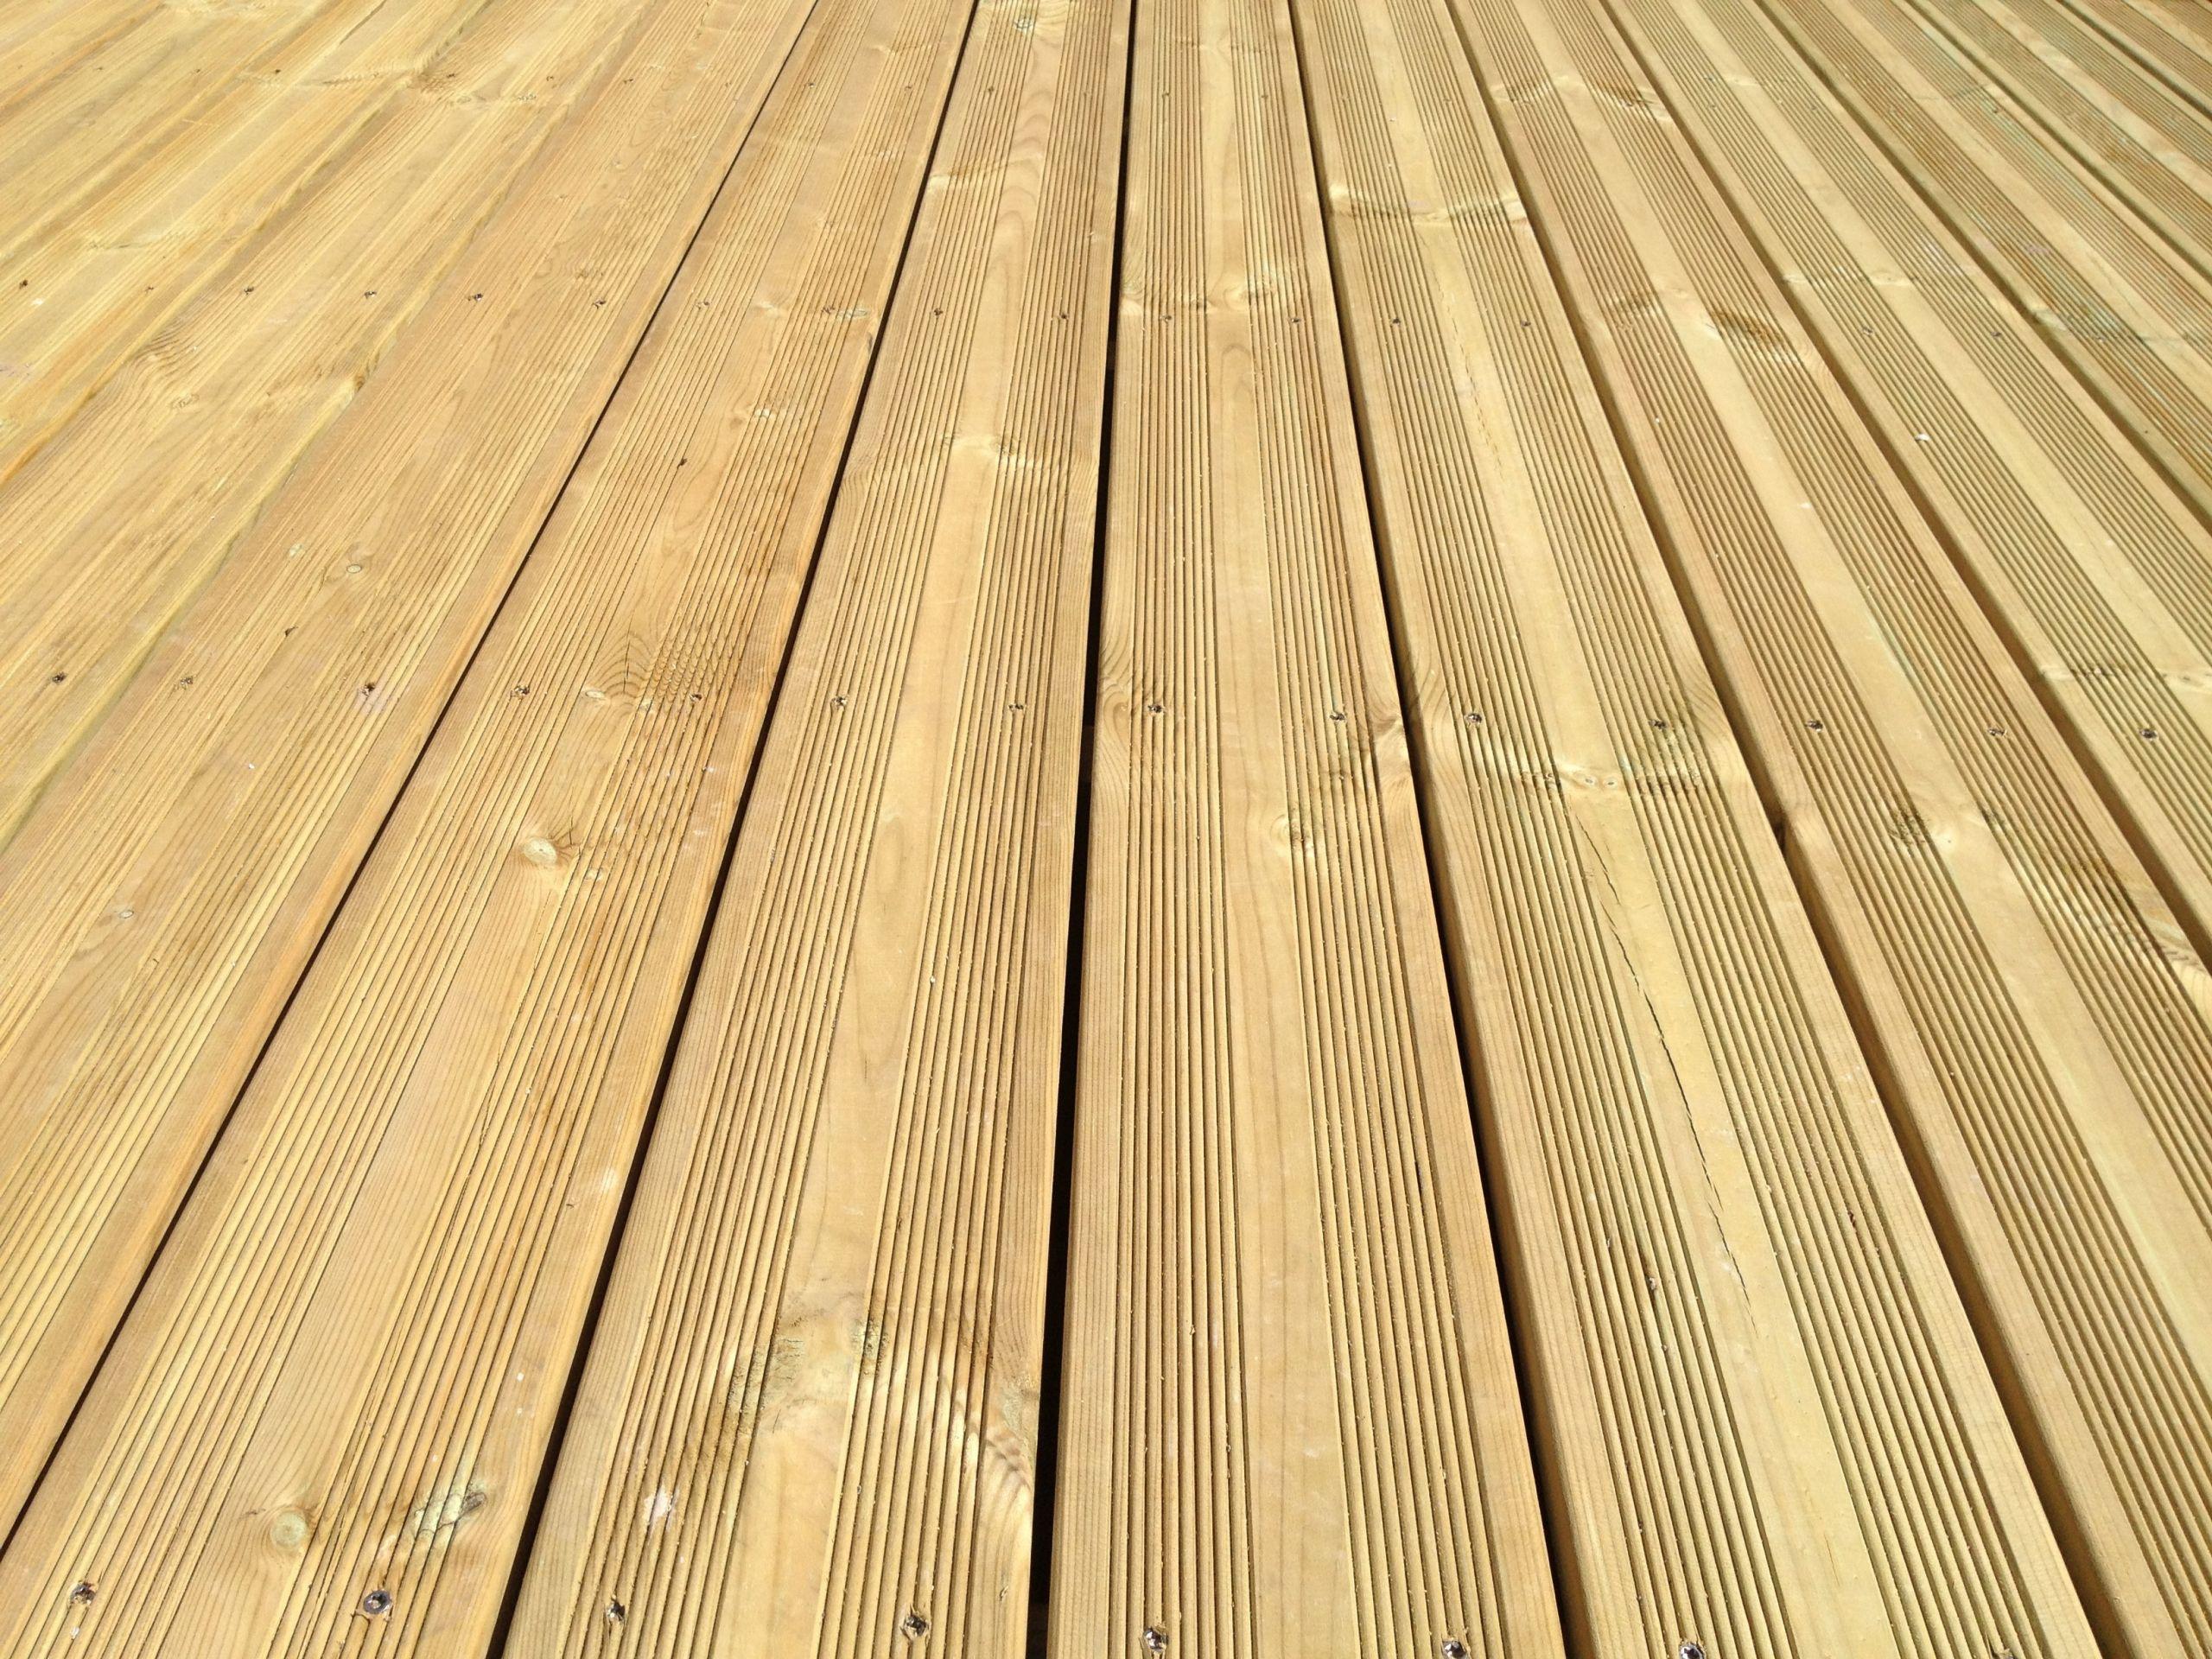 Lames Terrasse Pin 27x145mm Traité CL4 Vert Selection Bois